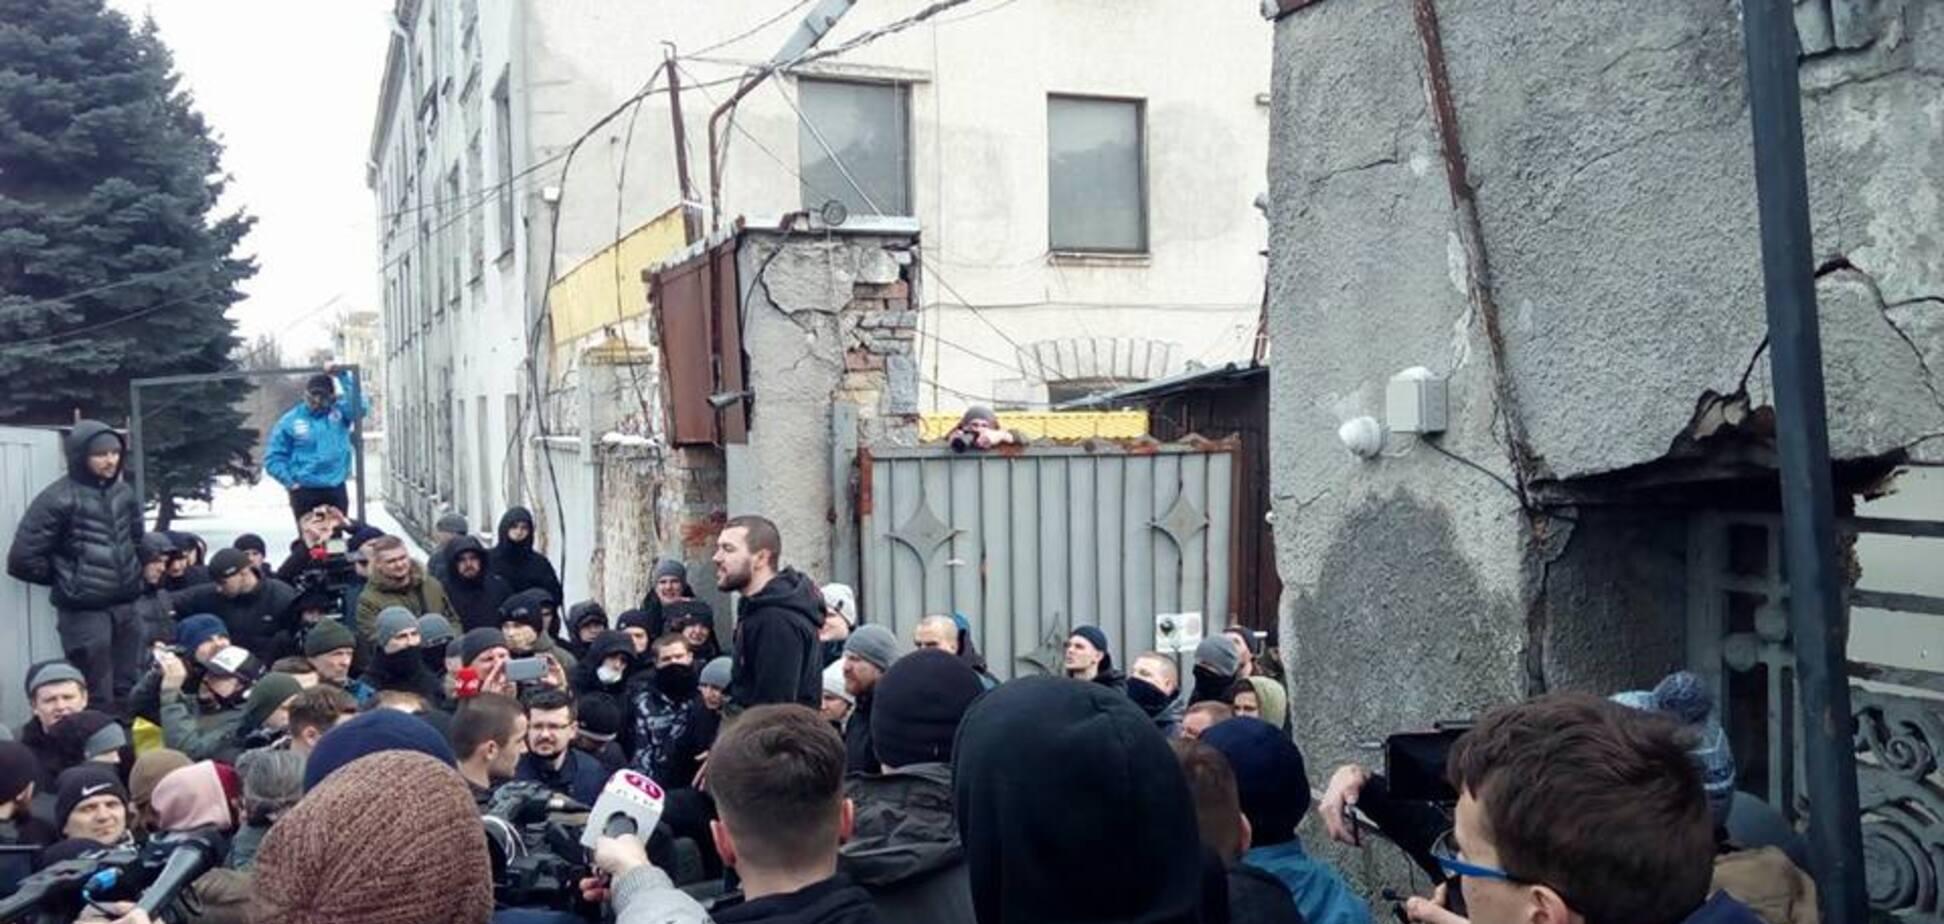 Конфликт на базе 'Нацкорпуса' в Киеве: появились новые подробности и видео